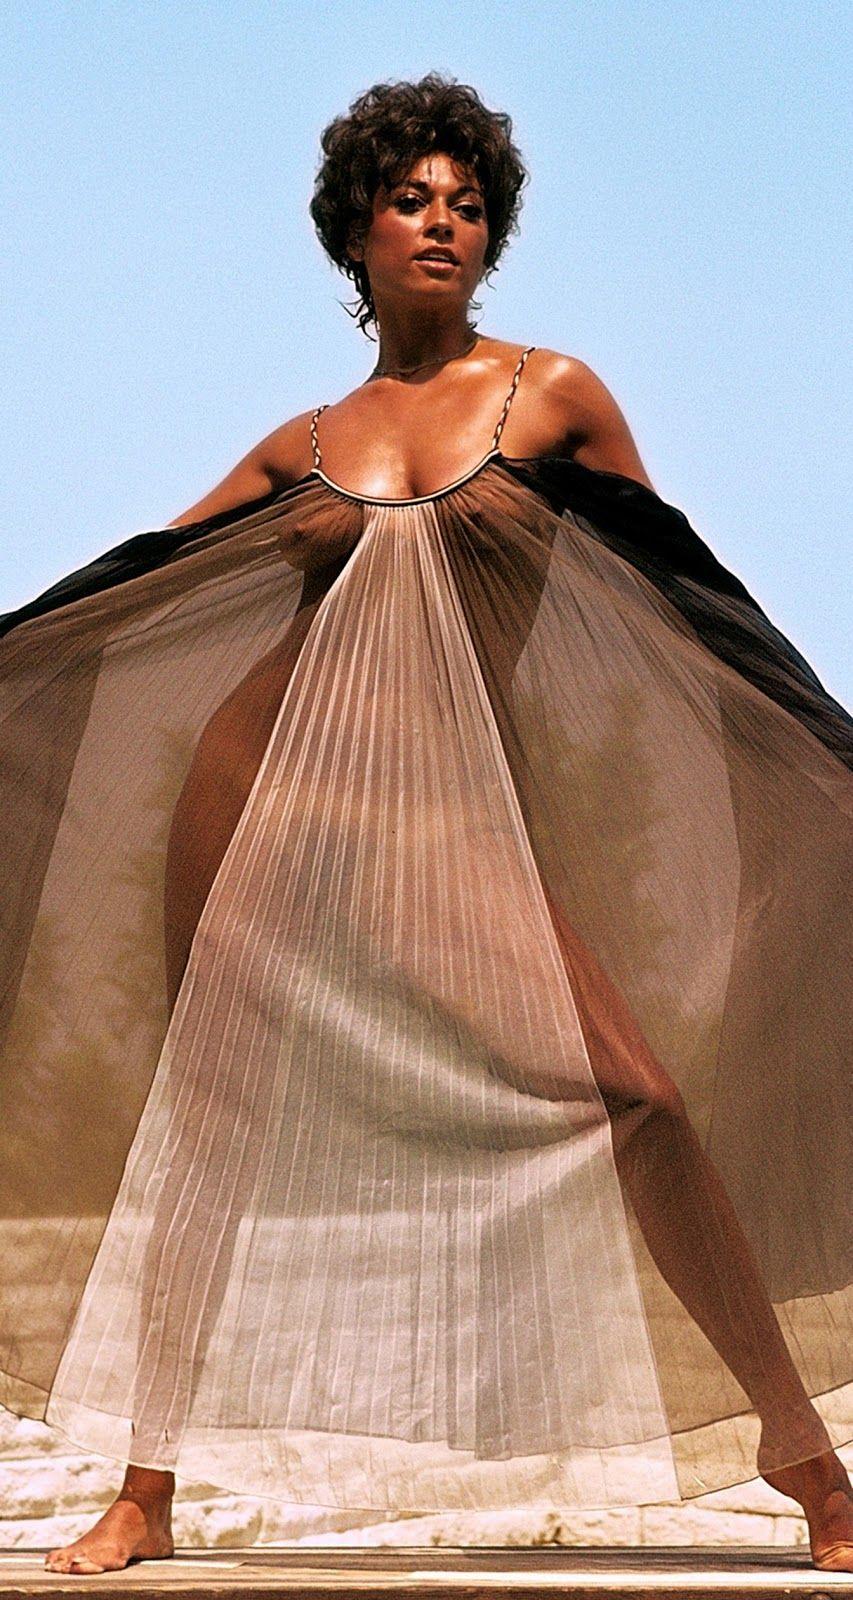 AzMarie Livingston,Mouni Roy 2007 Erotic image Lara Roxx,Amber Rayne